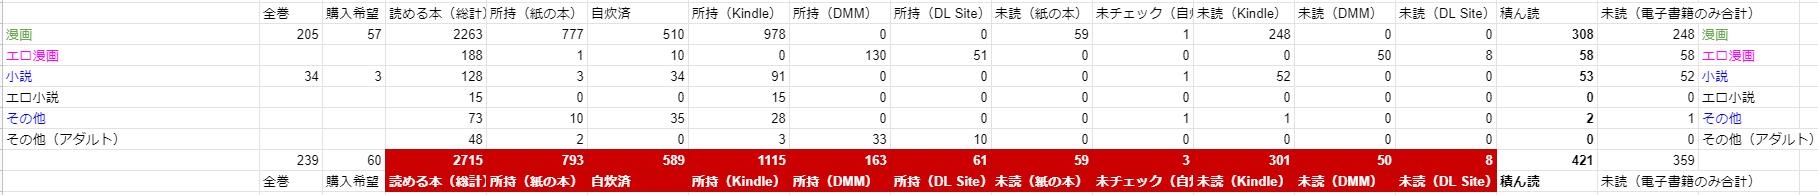 tsumihon-2021-7.png